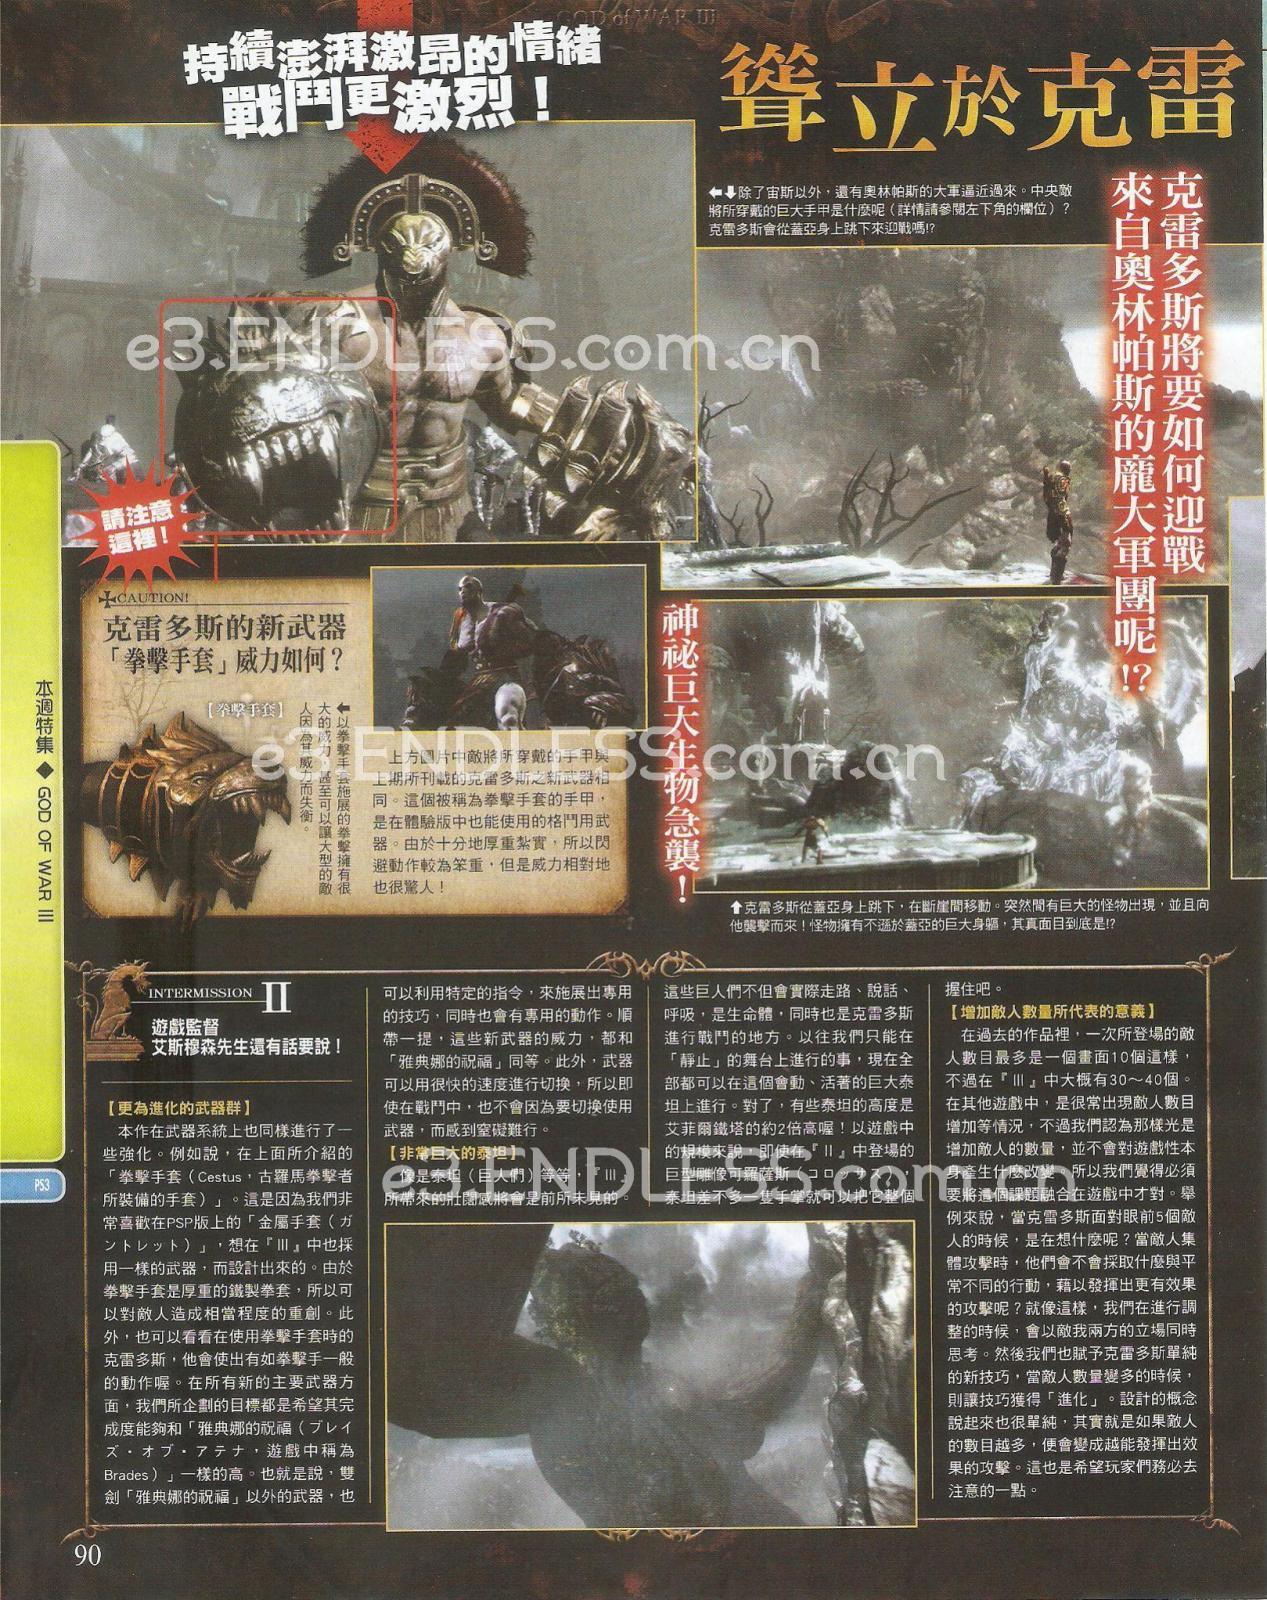 god_of_war_scan_3